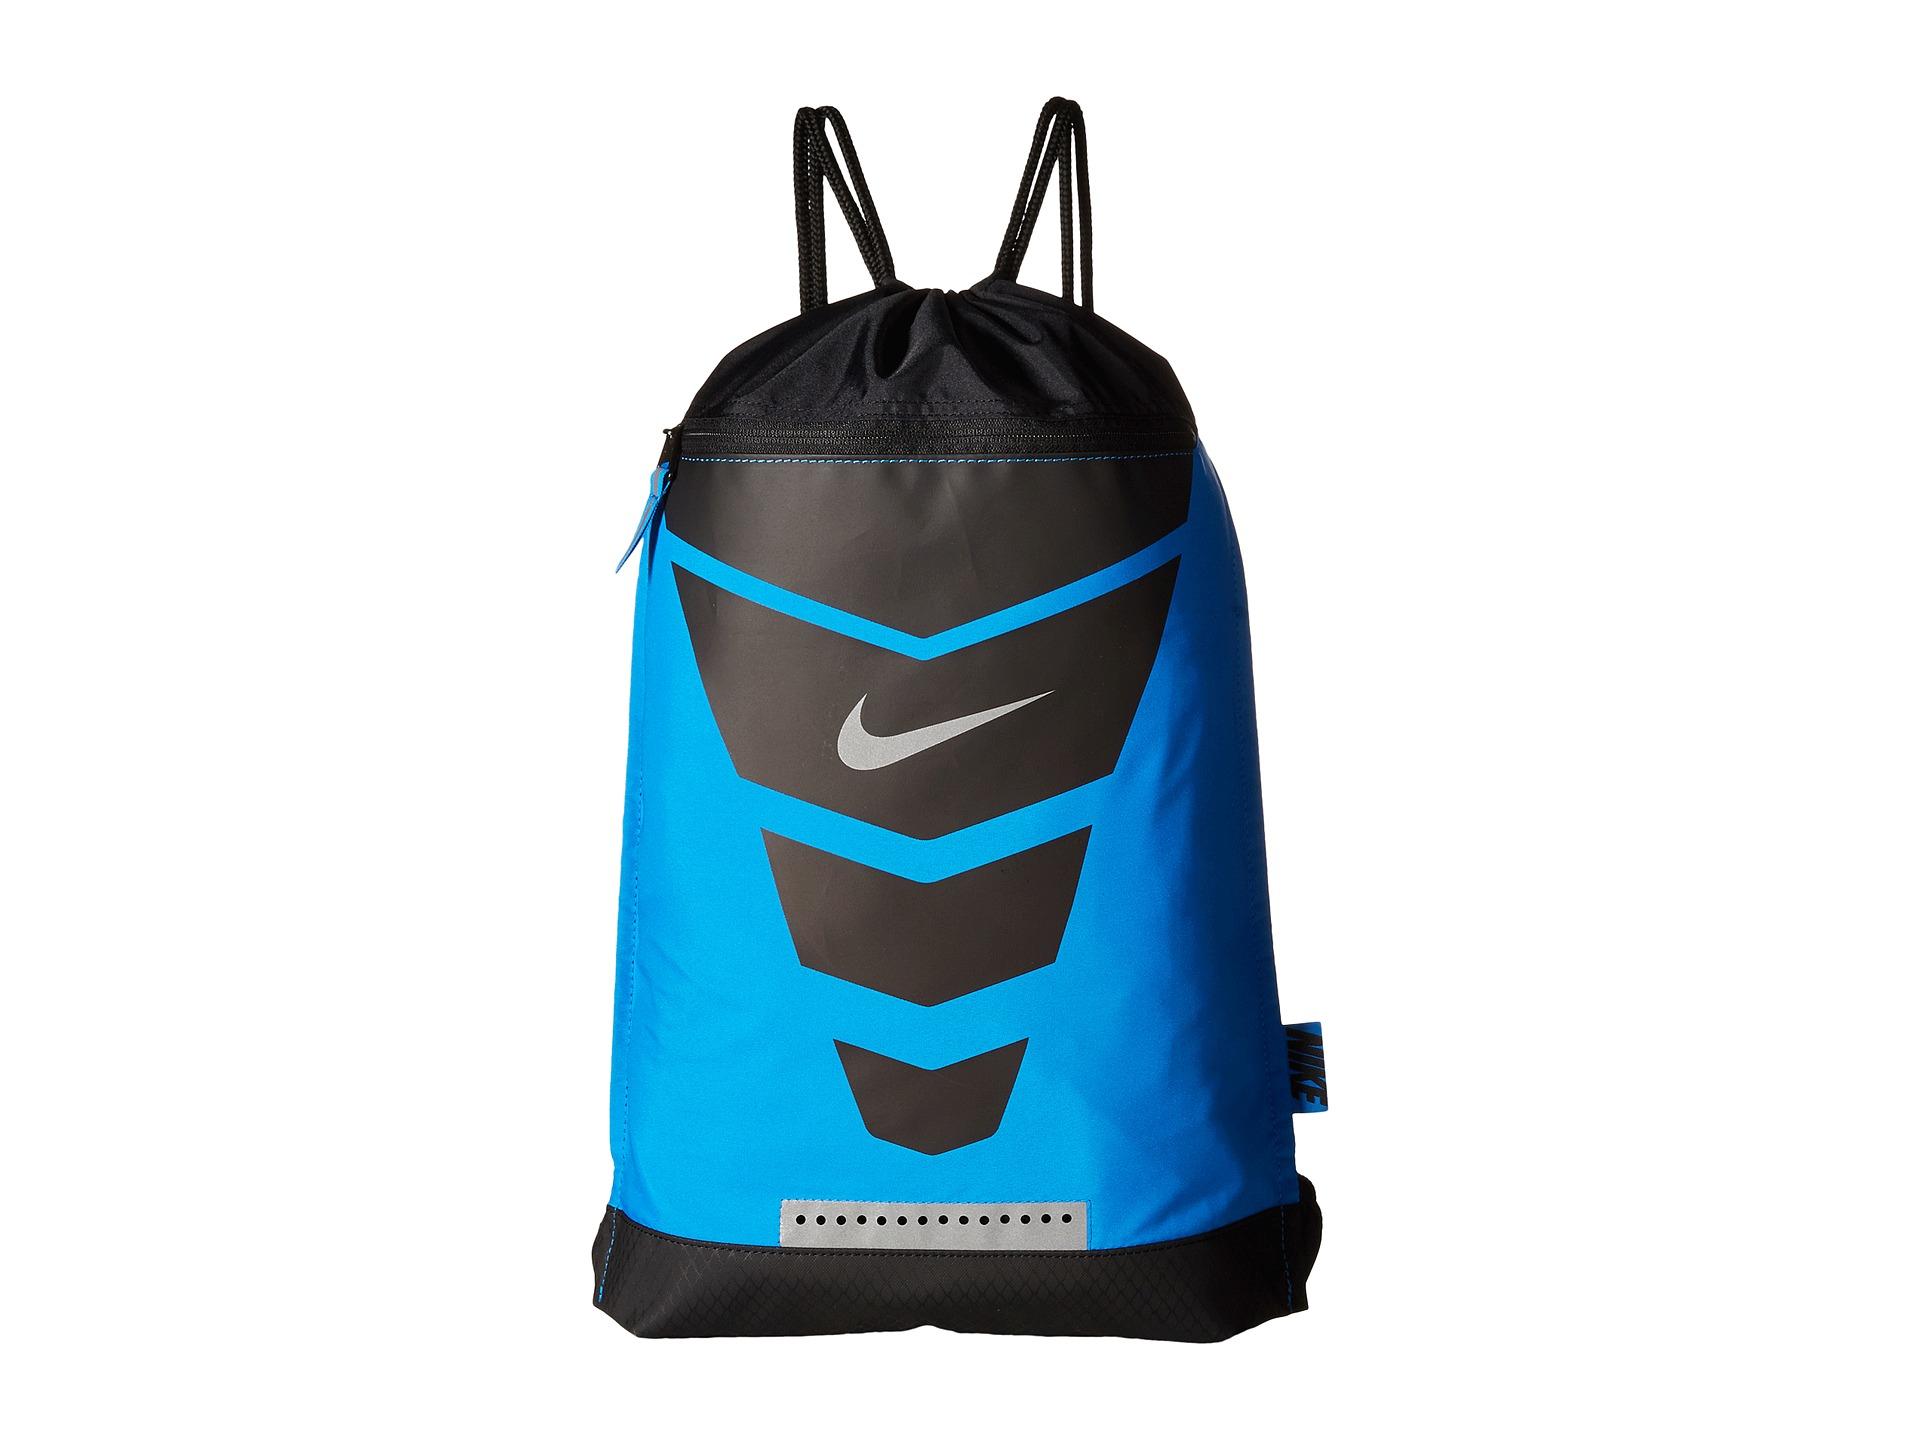 Lyst - Nike Vapor Gymsack in Blue for Men db65299cdbbfa